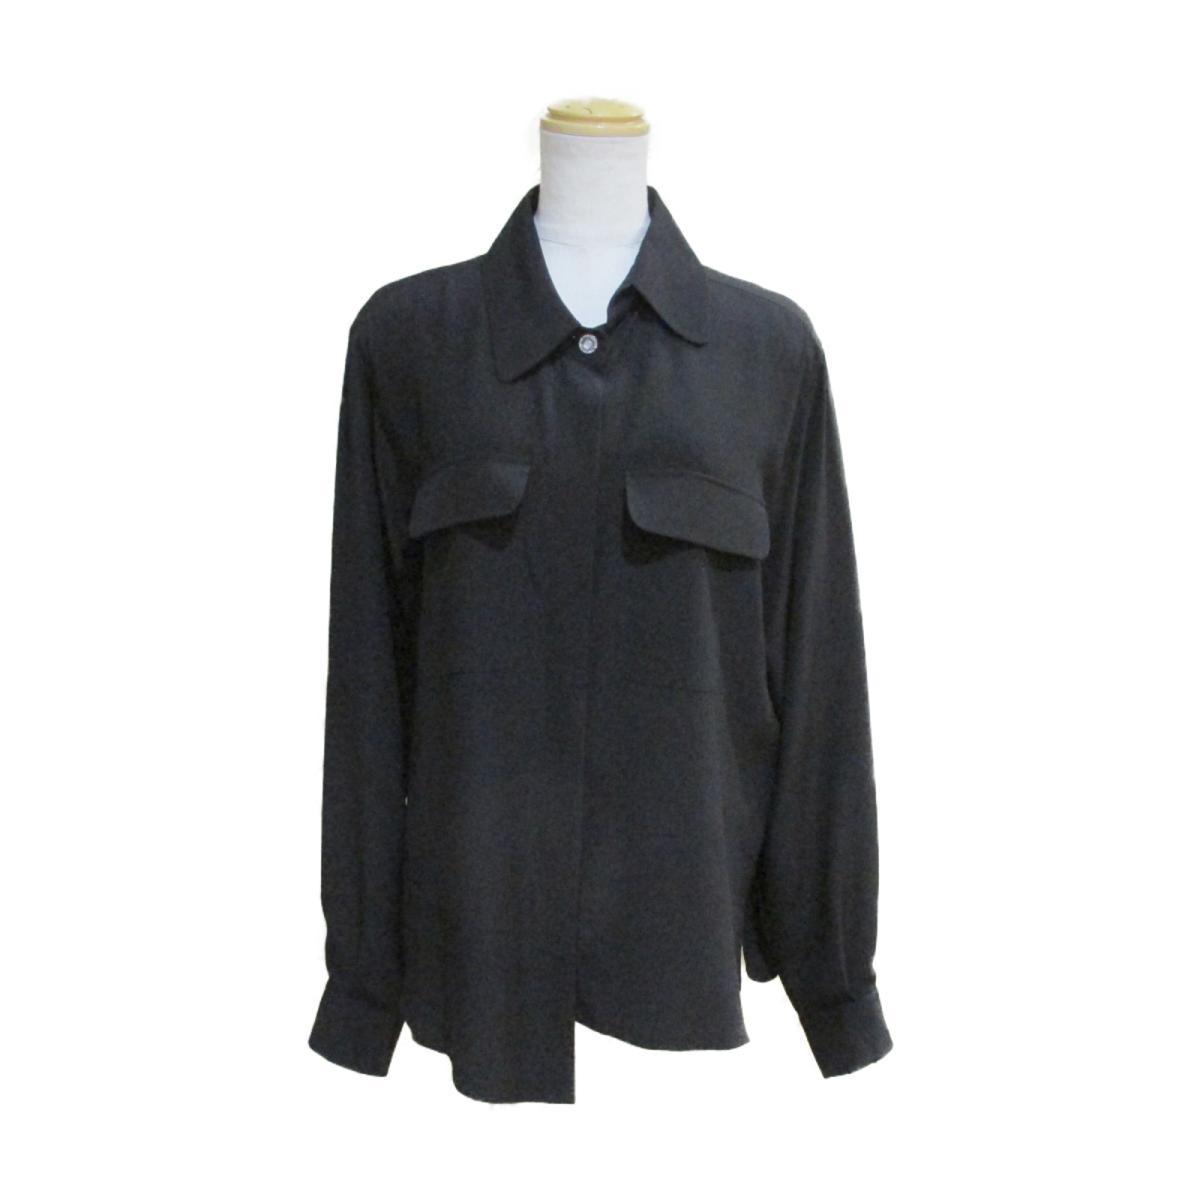 【中古】 シャネル ブラウス レディース シルク100% ブラック | CHANEL BRANDOFF ブランドオフ 衣料品 衣類 ブランド トップス シャツ